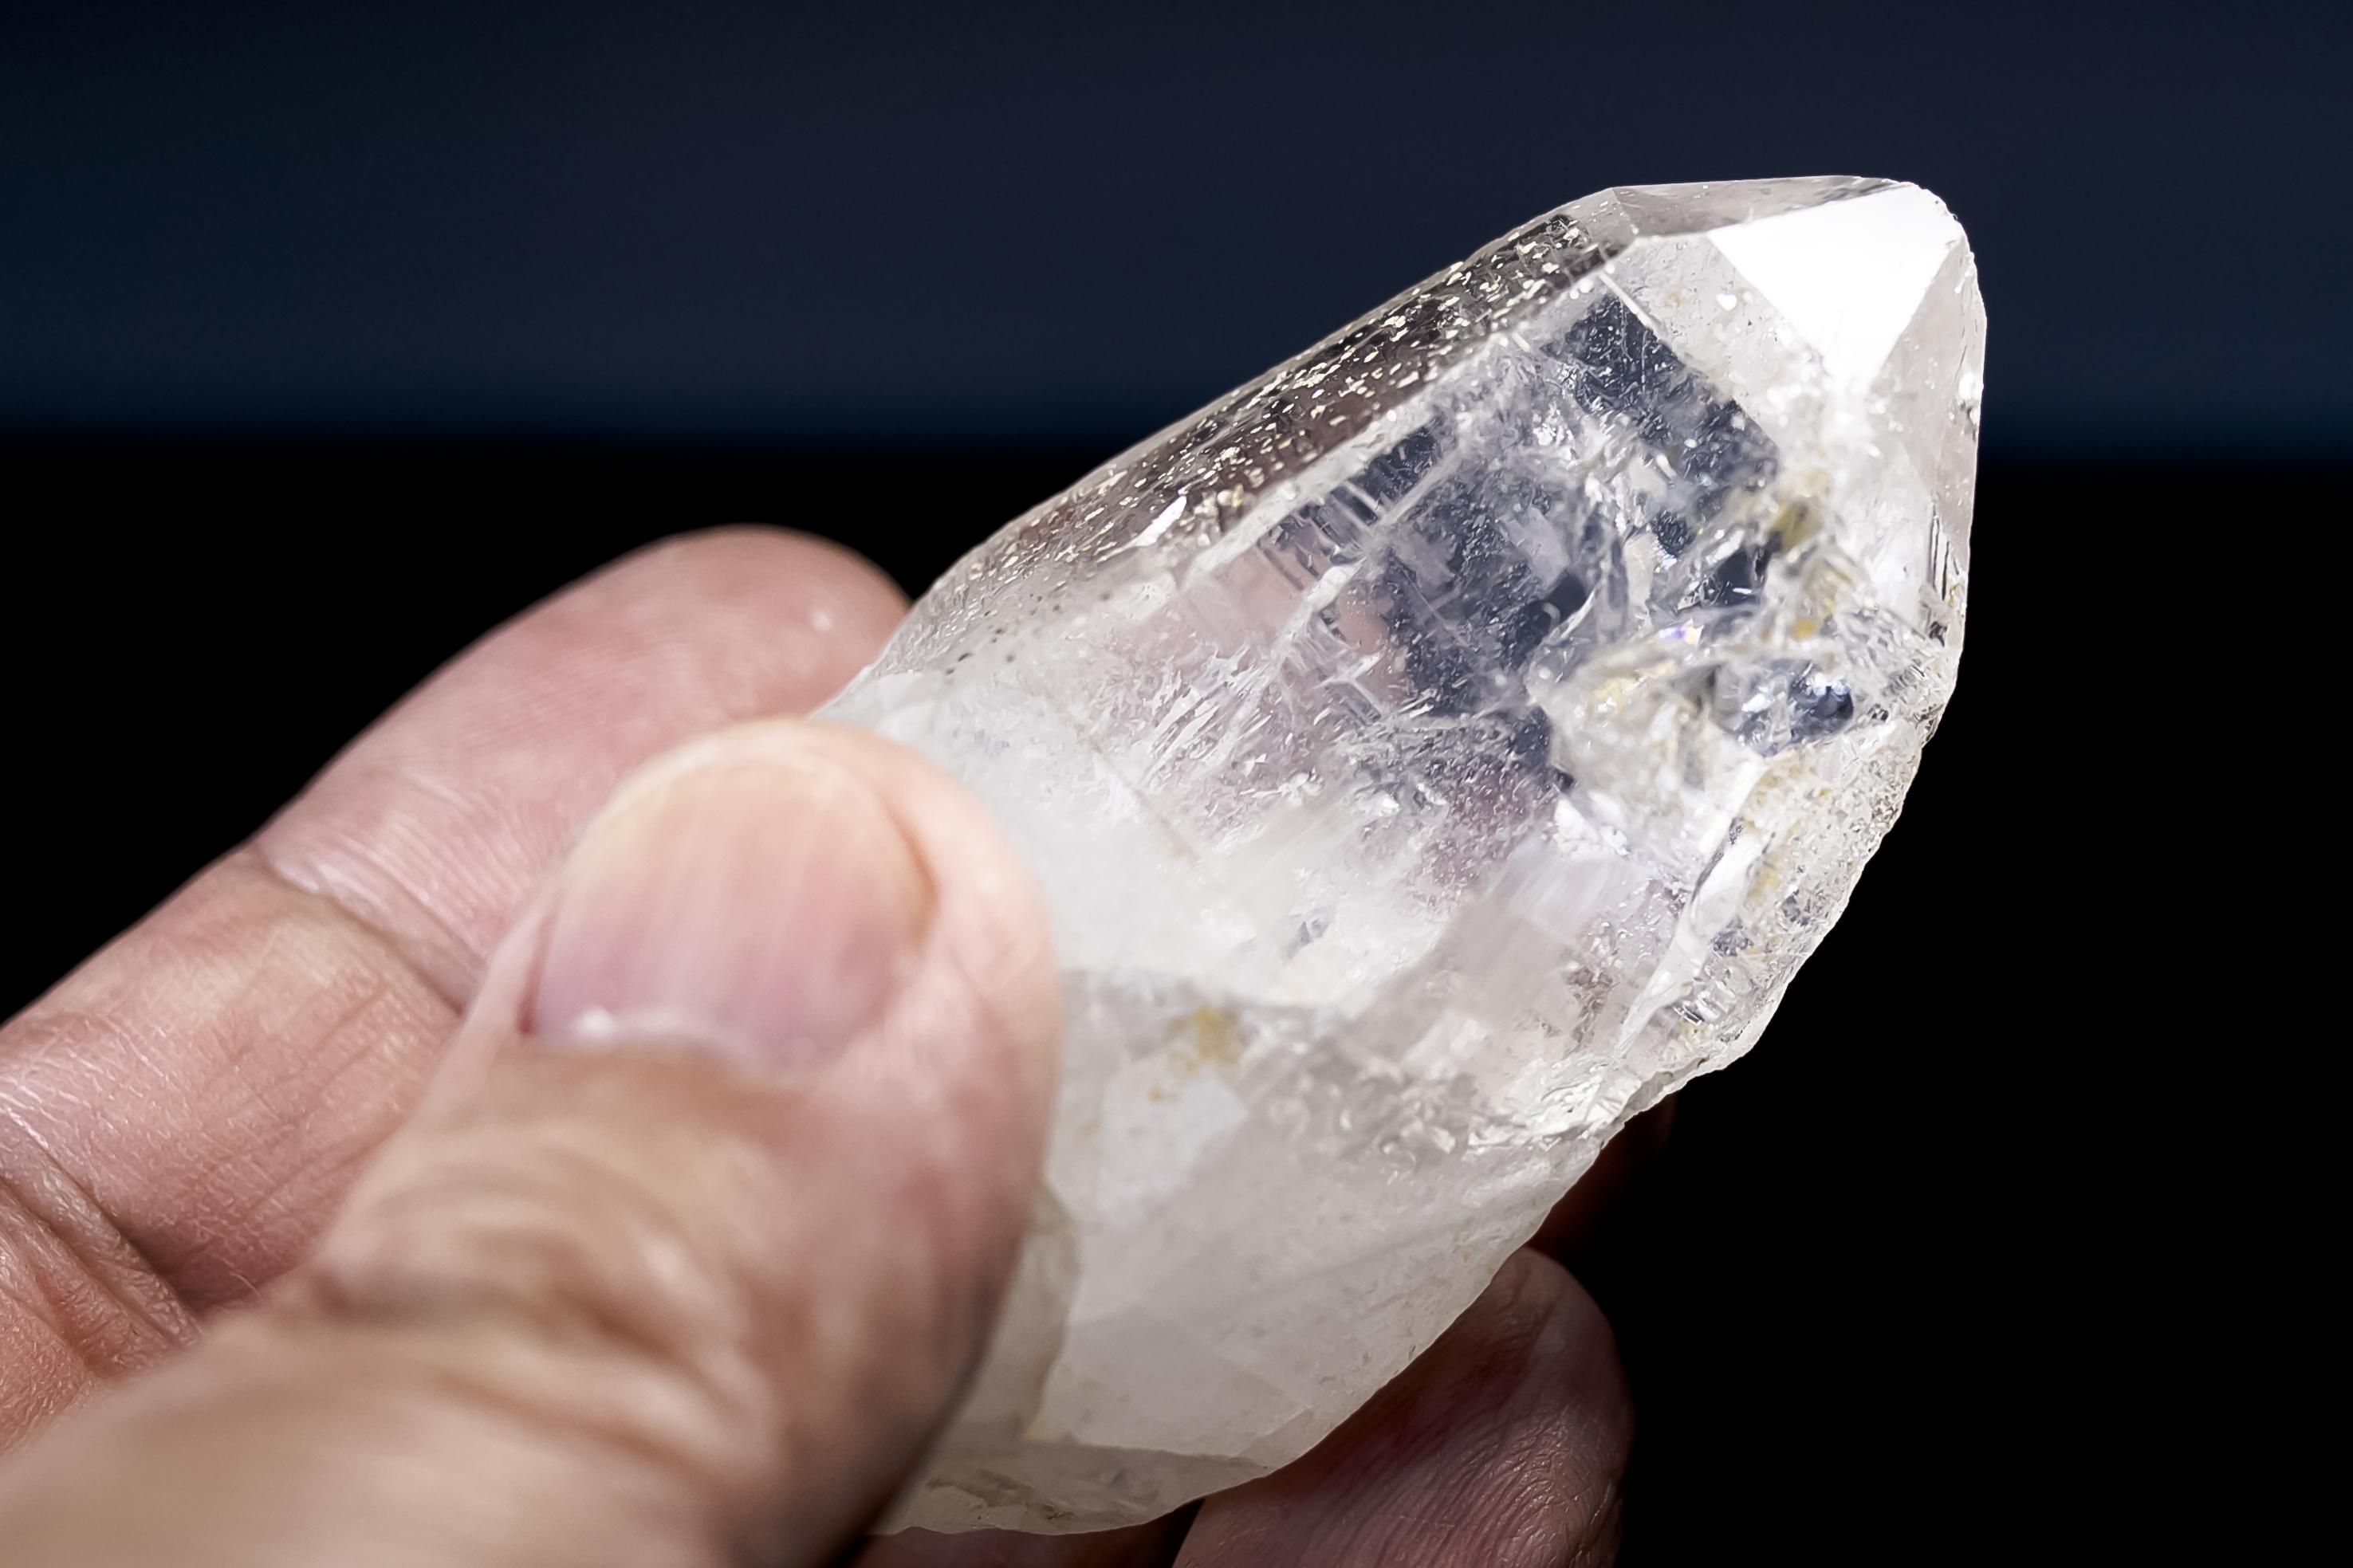 ヒマラヤ水晶 ラパ産水晶ポイント ガネーシュヒマール レインボー水晶hgr-45